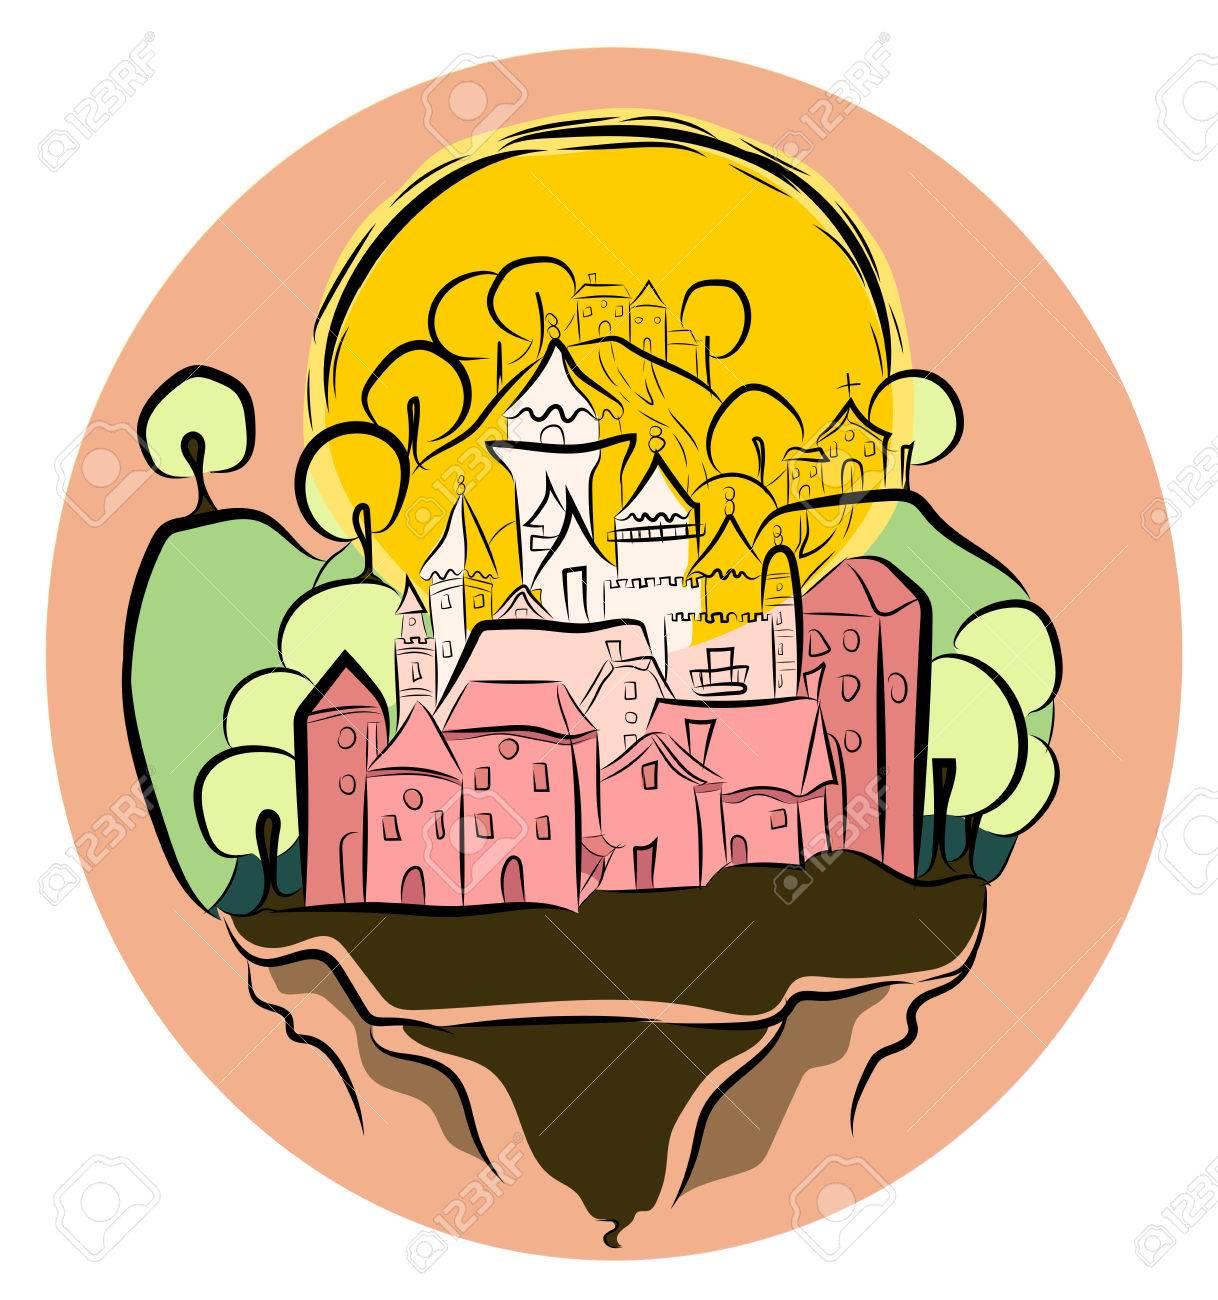 Les Filles De Dessin D Une Princesse Du Château Flottant Avec Son Village Un Soleil Des Montagnes Et Des Arbres